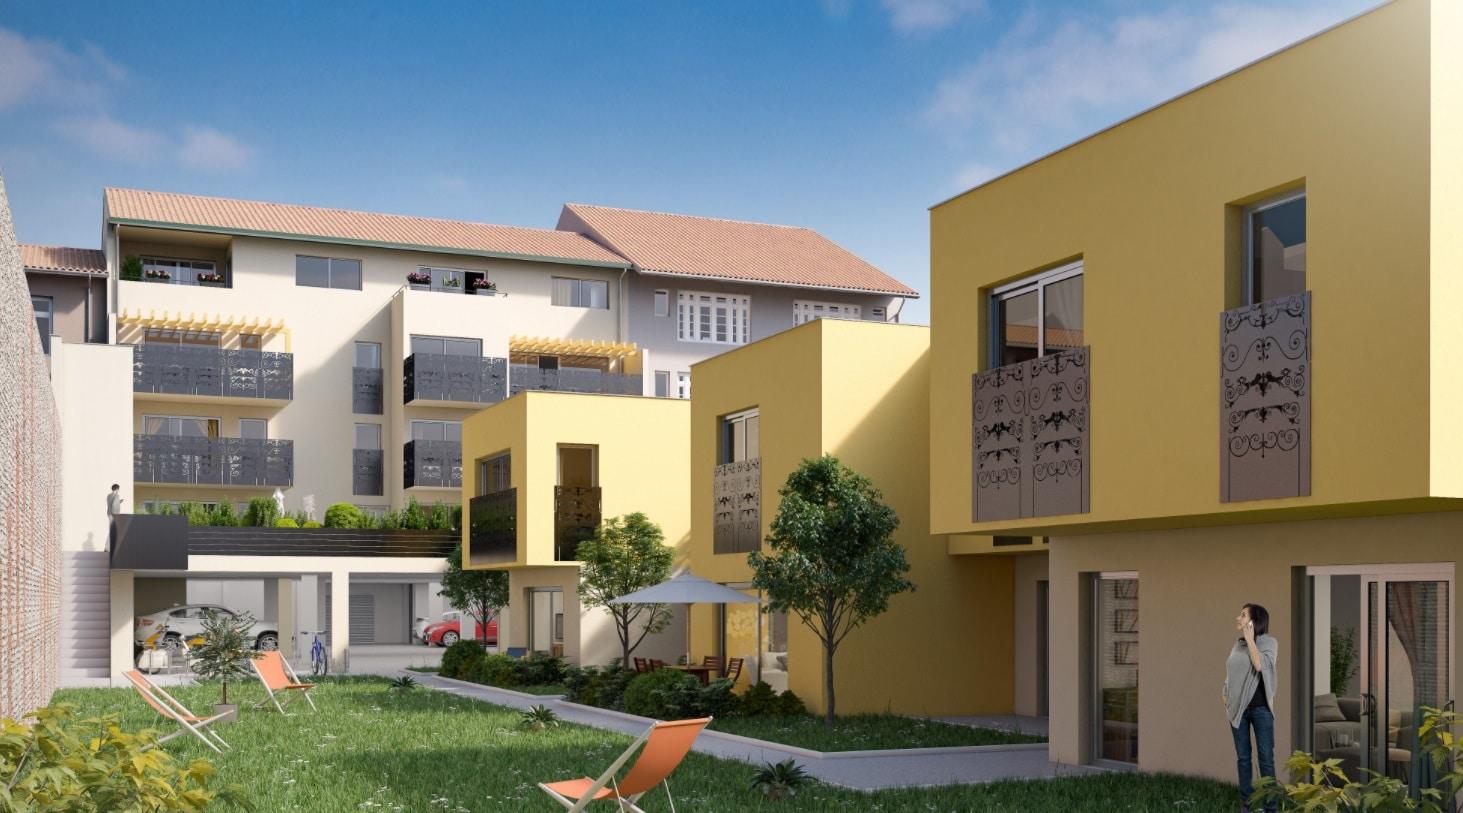 Achat immobilier neuf : le bon moment pour investir